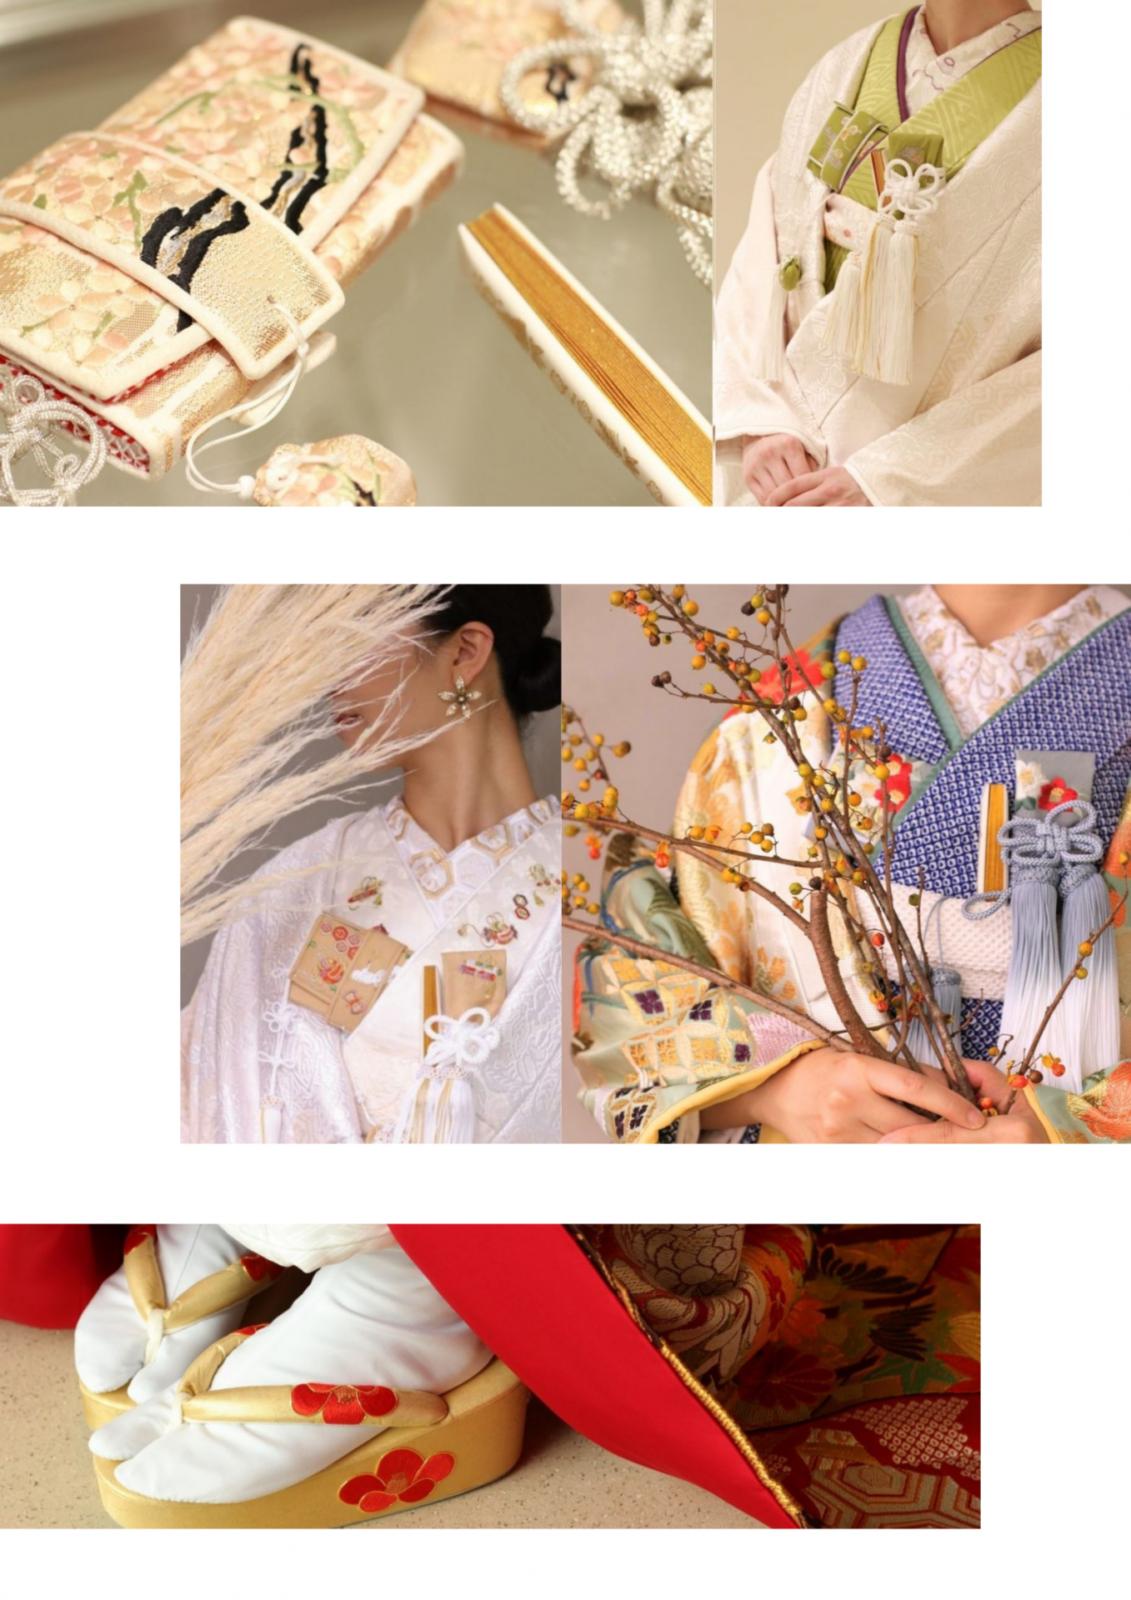 表参道の人気ドレスショップ、ザトリートドレッシングアディション店では、京都から買い付けを行った和装や、お洒落な和装小物を取り扱っており、唯一無二の和装コーディネートを叶えられます